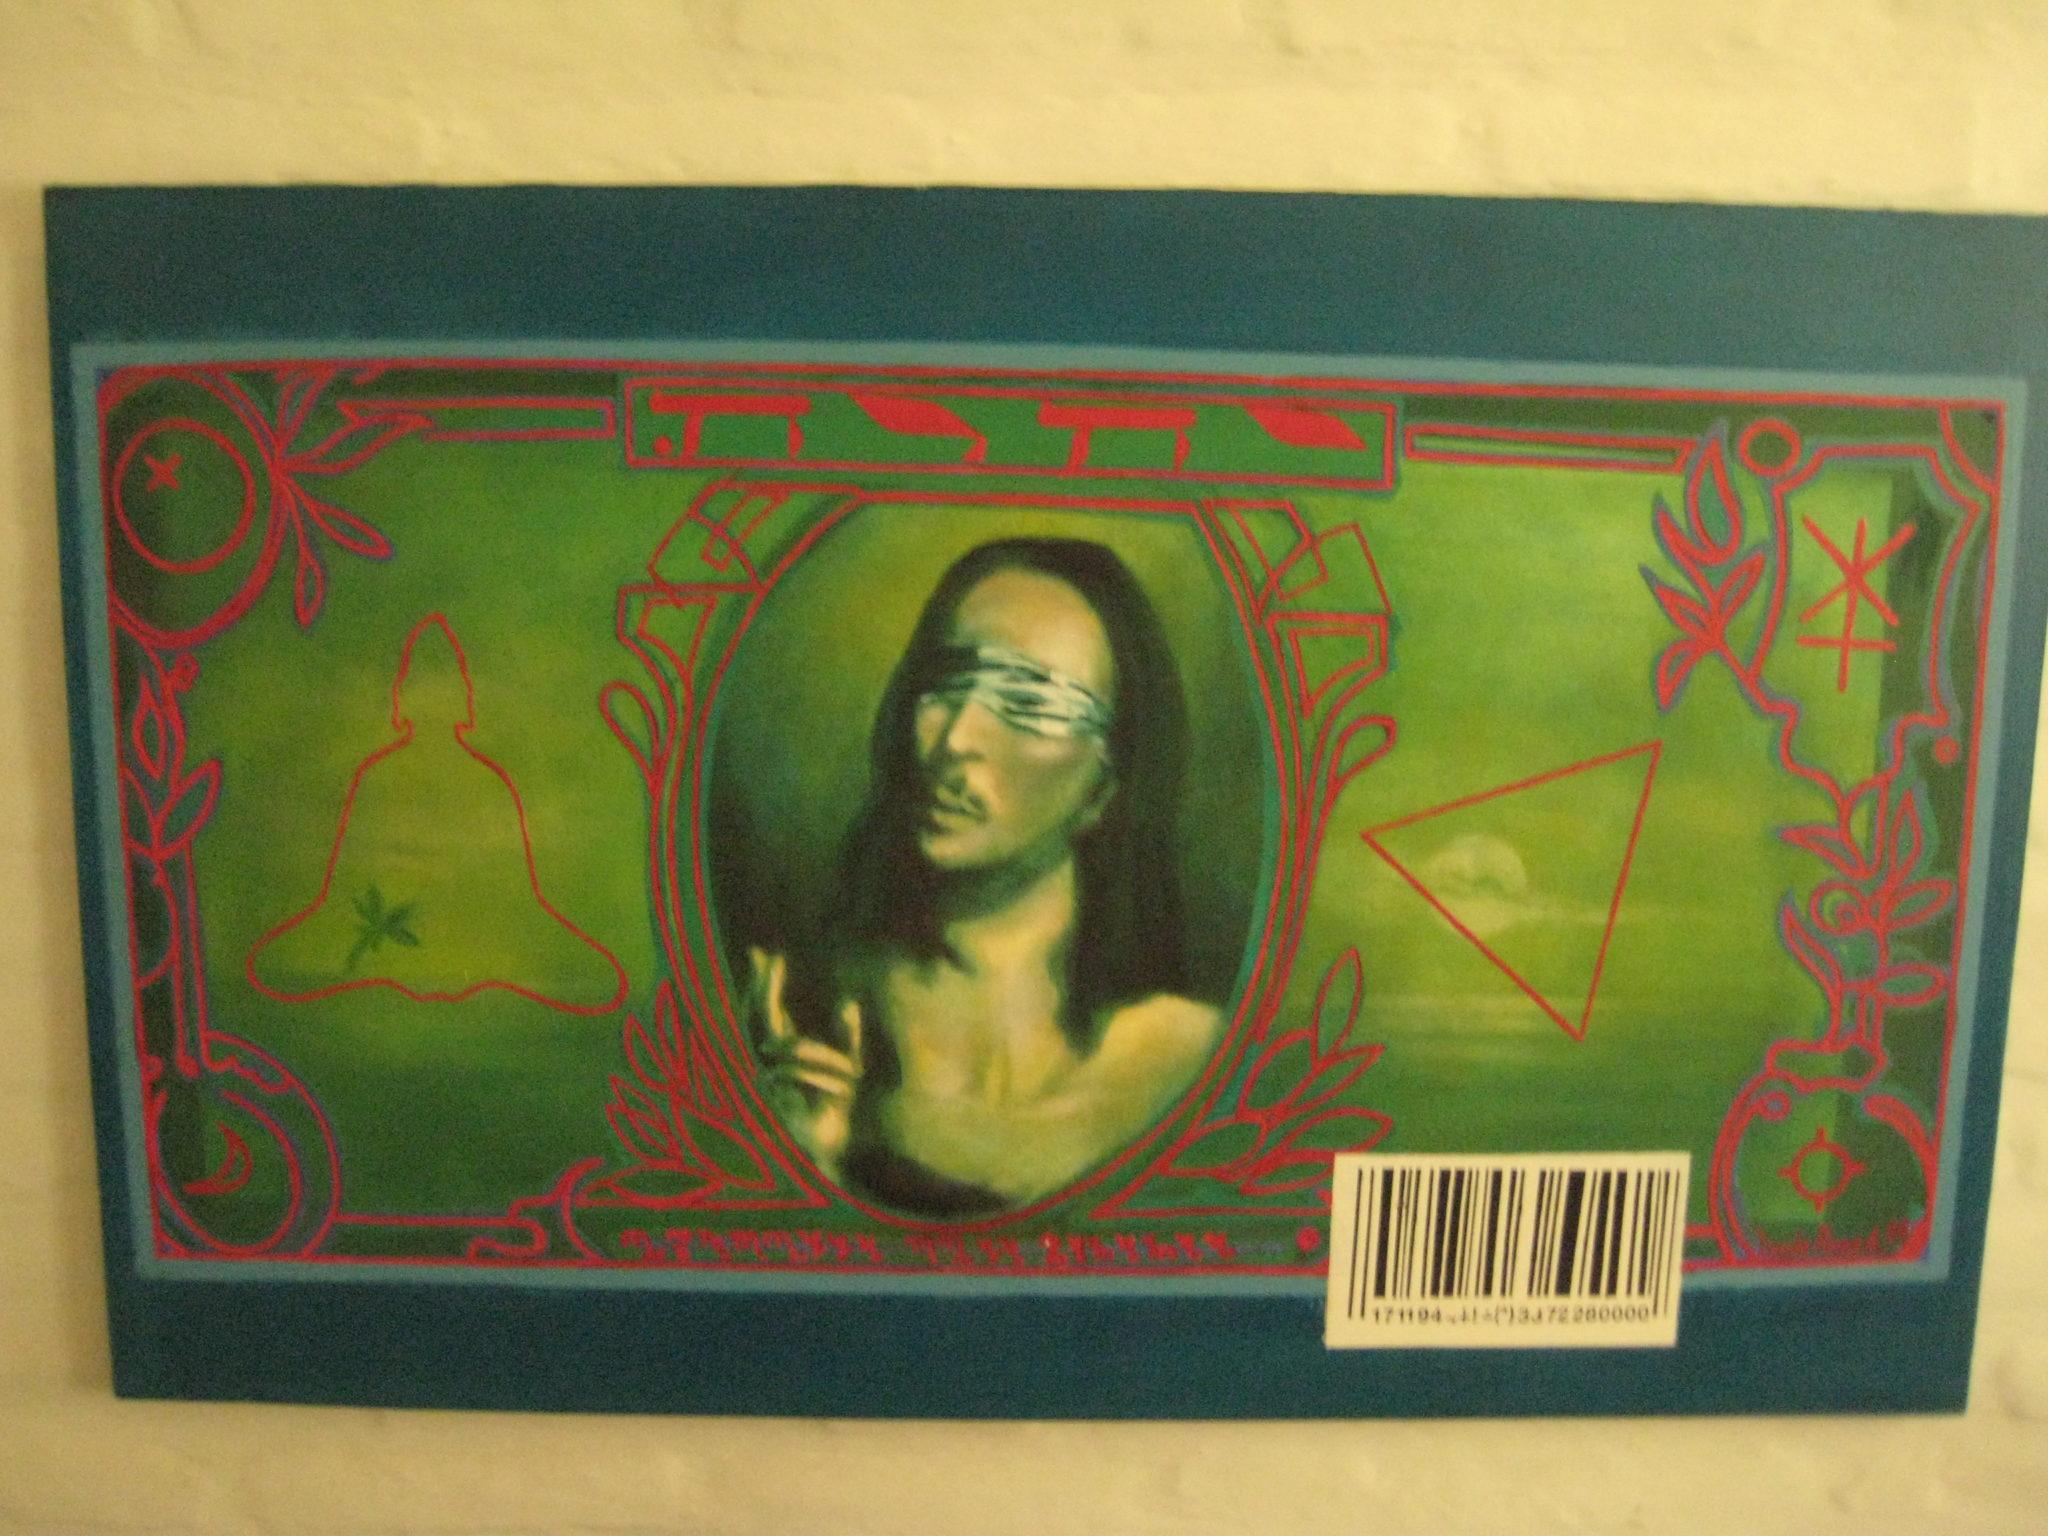 An Ecuadorian artist's statement about money. (Gracias a Danilo de Casa de Arte in Puembo, Ecuador)